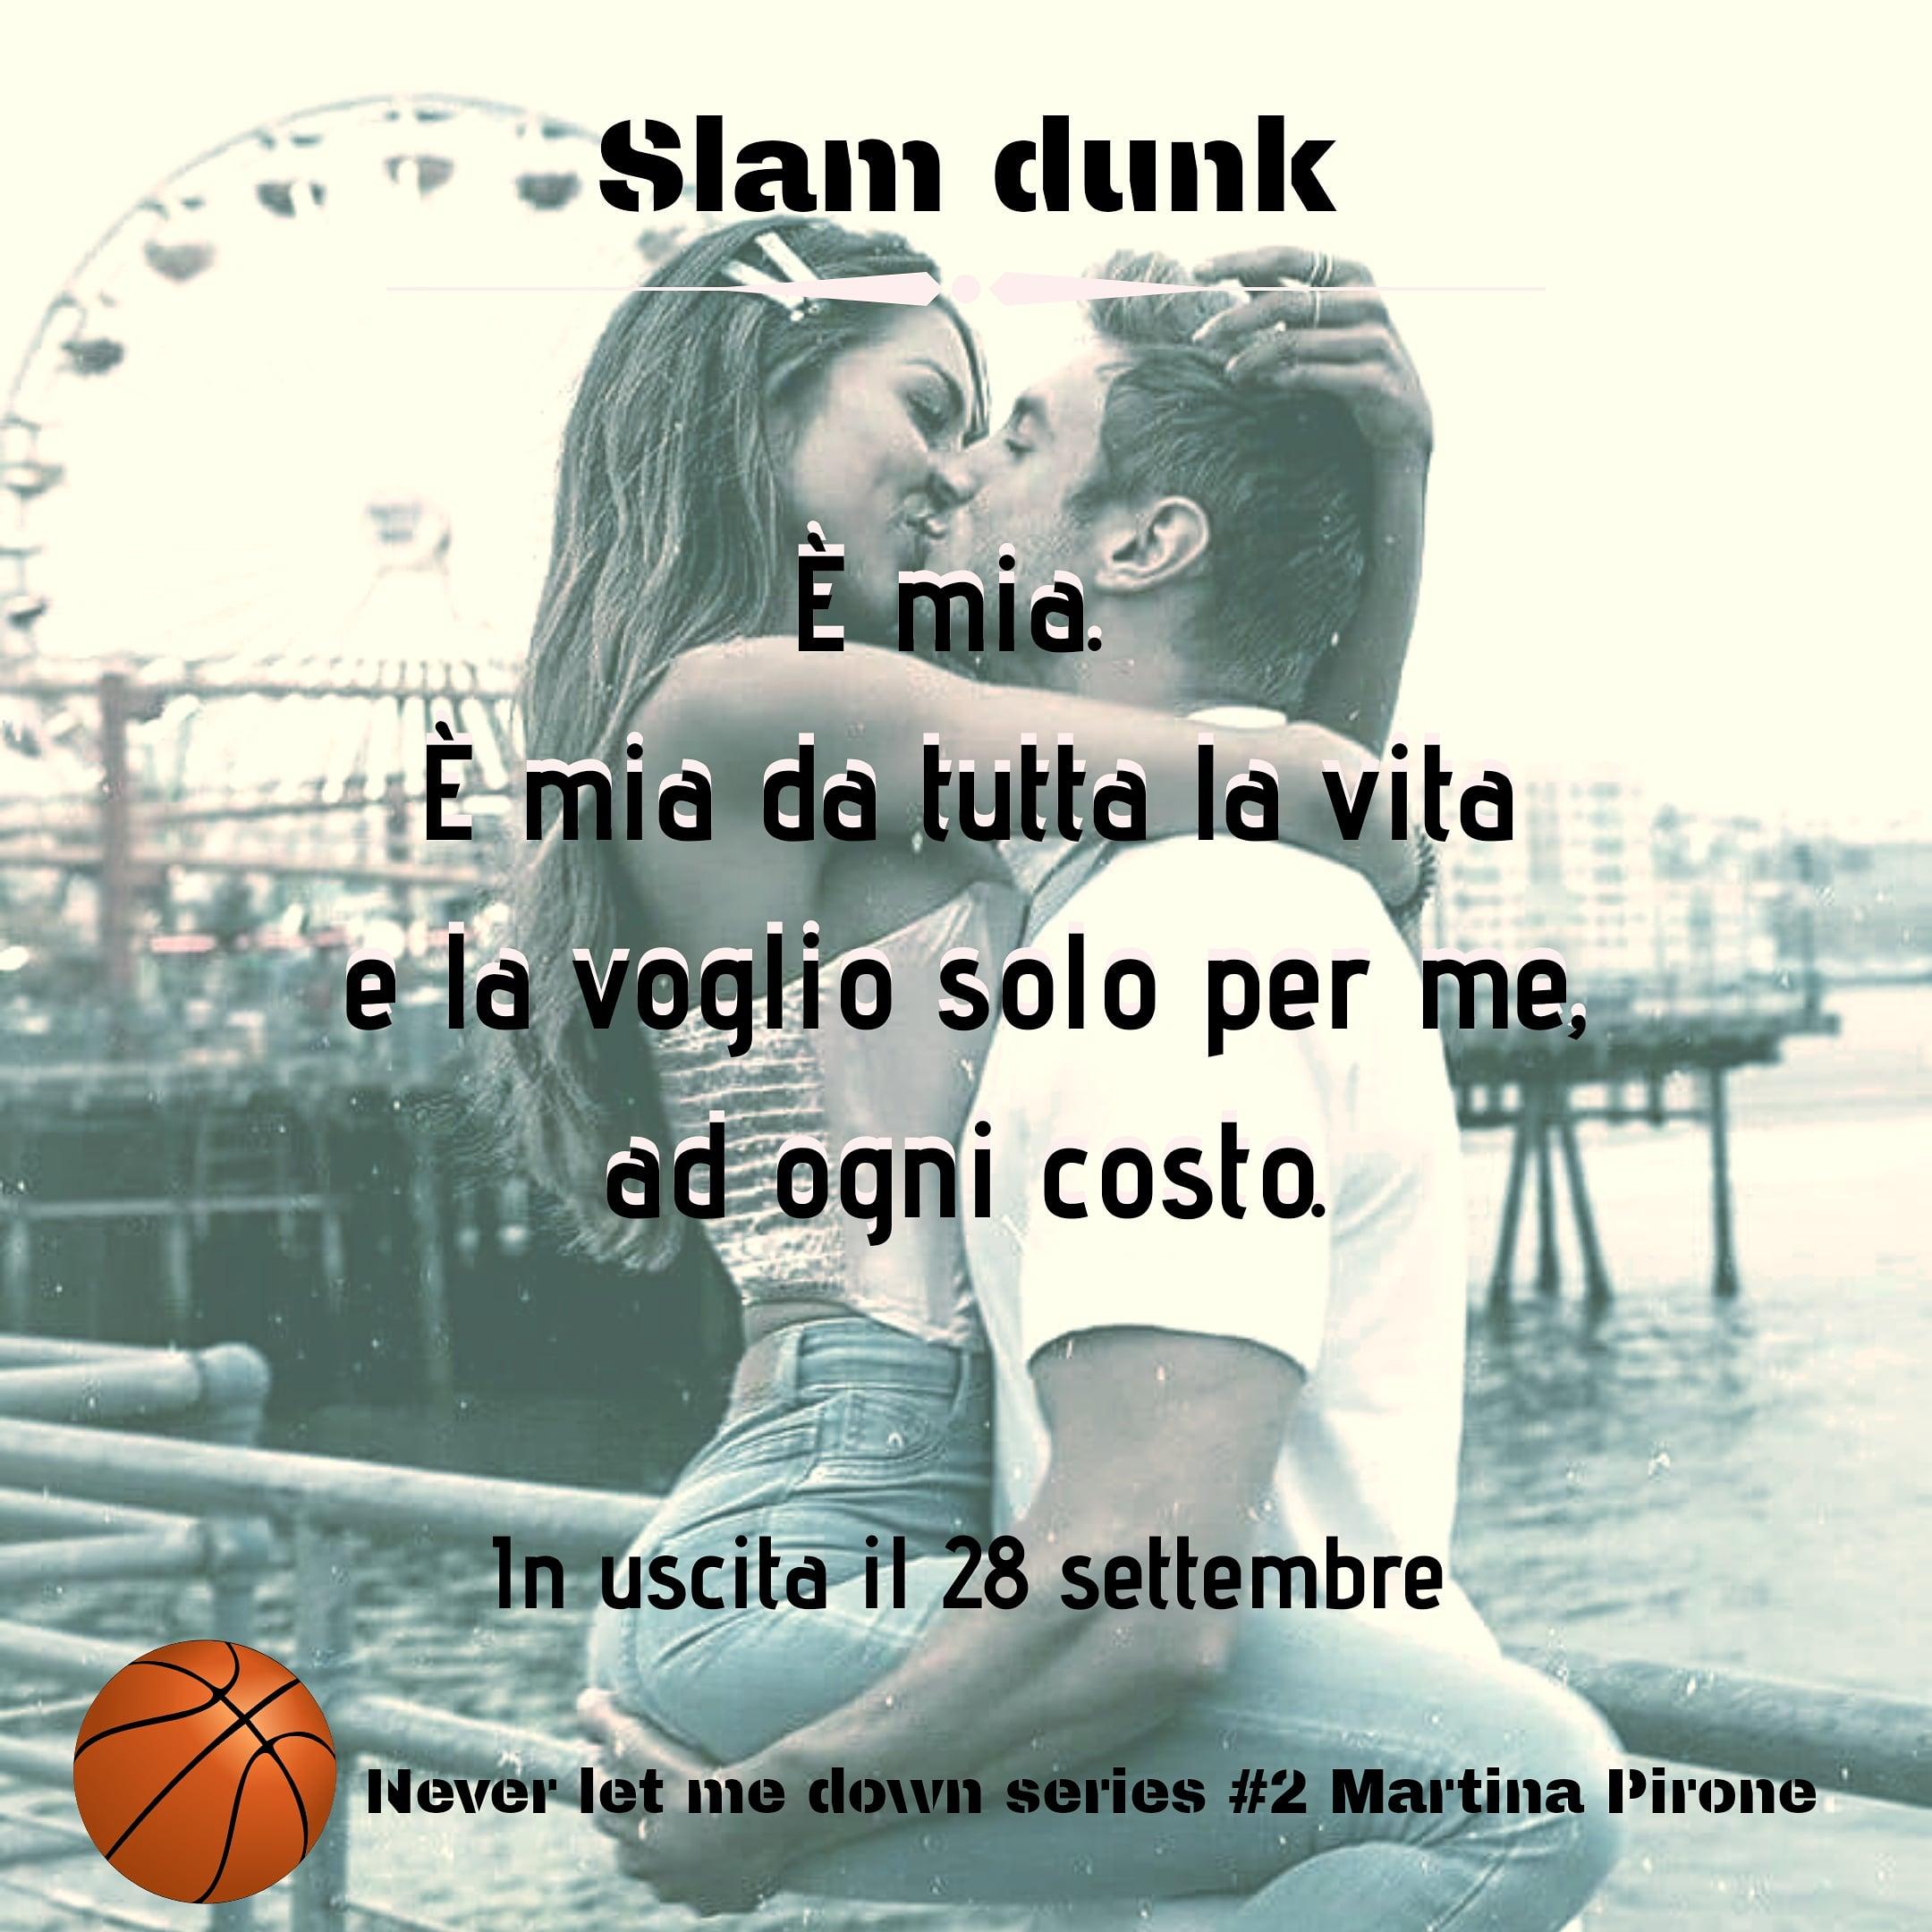 Slam Dunk estratto